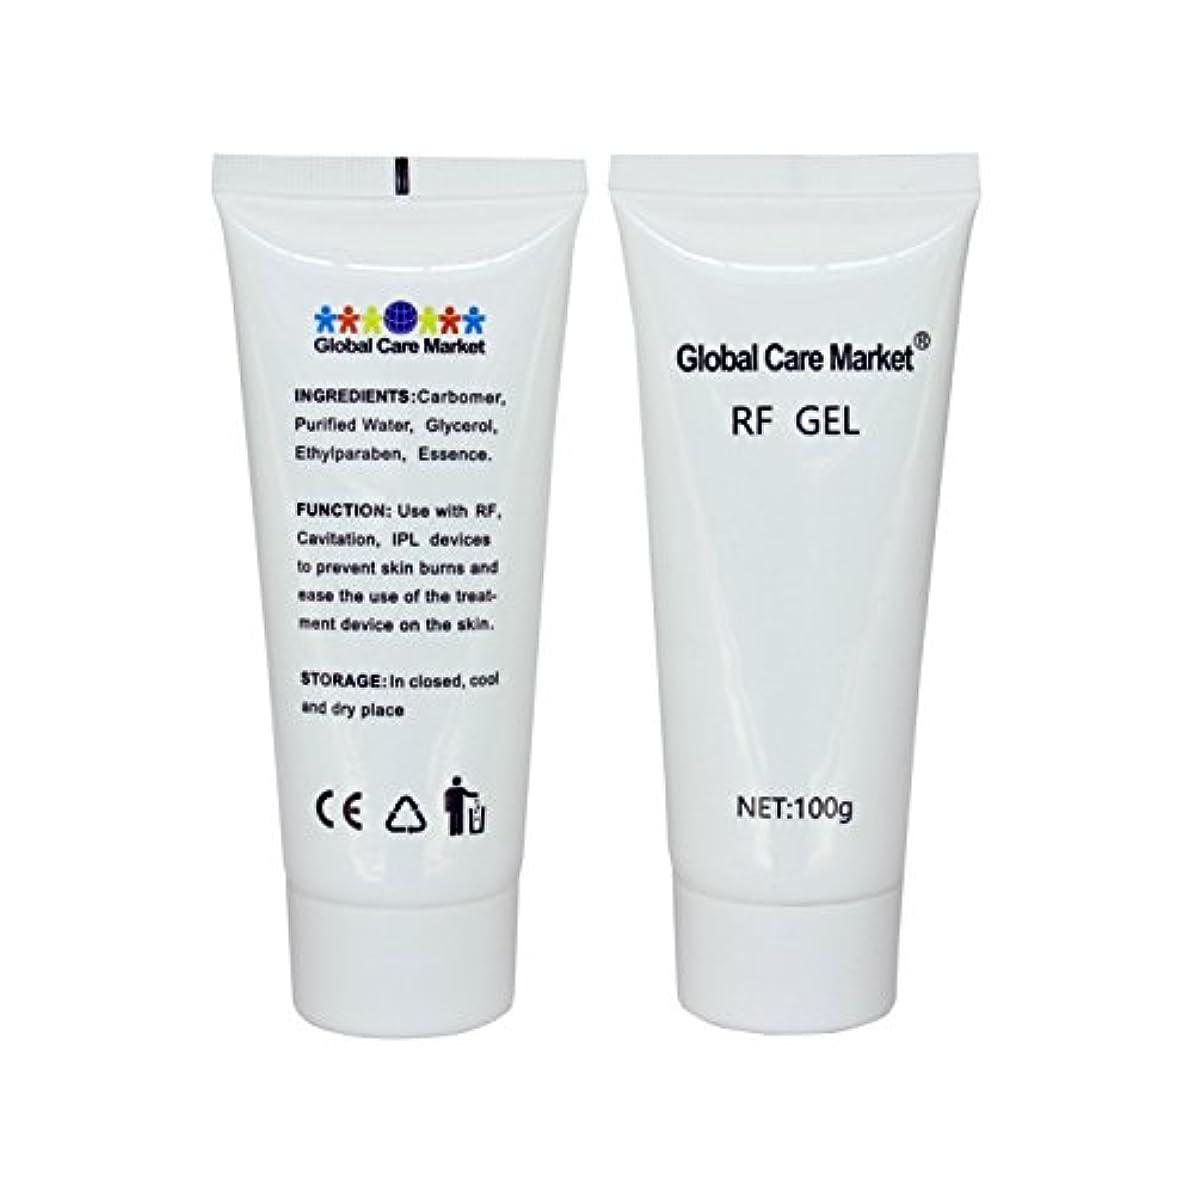 スポーツ遺跡隠RF GEL(2 Pack) - 高周波治療装置に使用する皮膚冷却および潤滑です